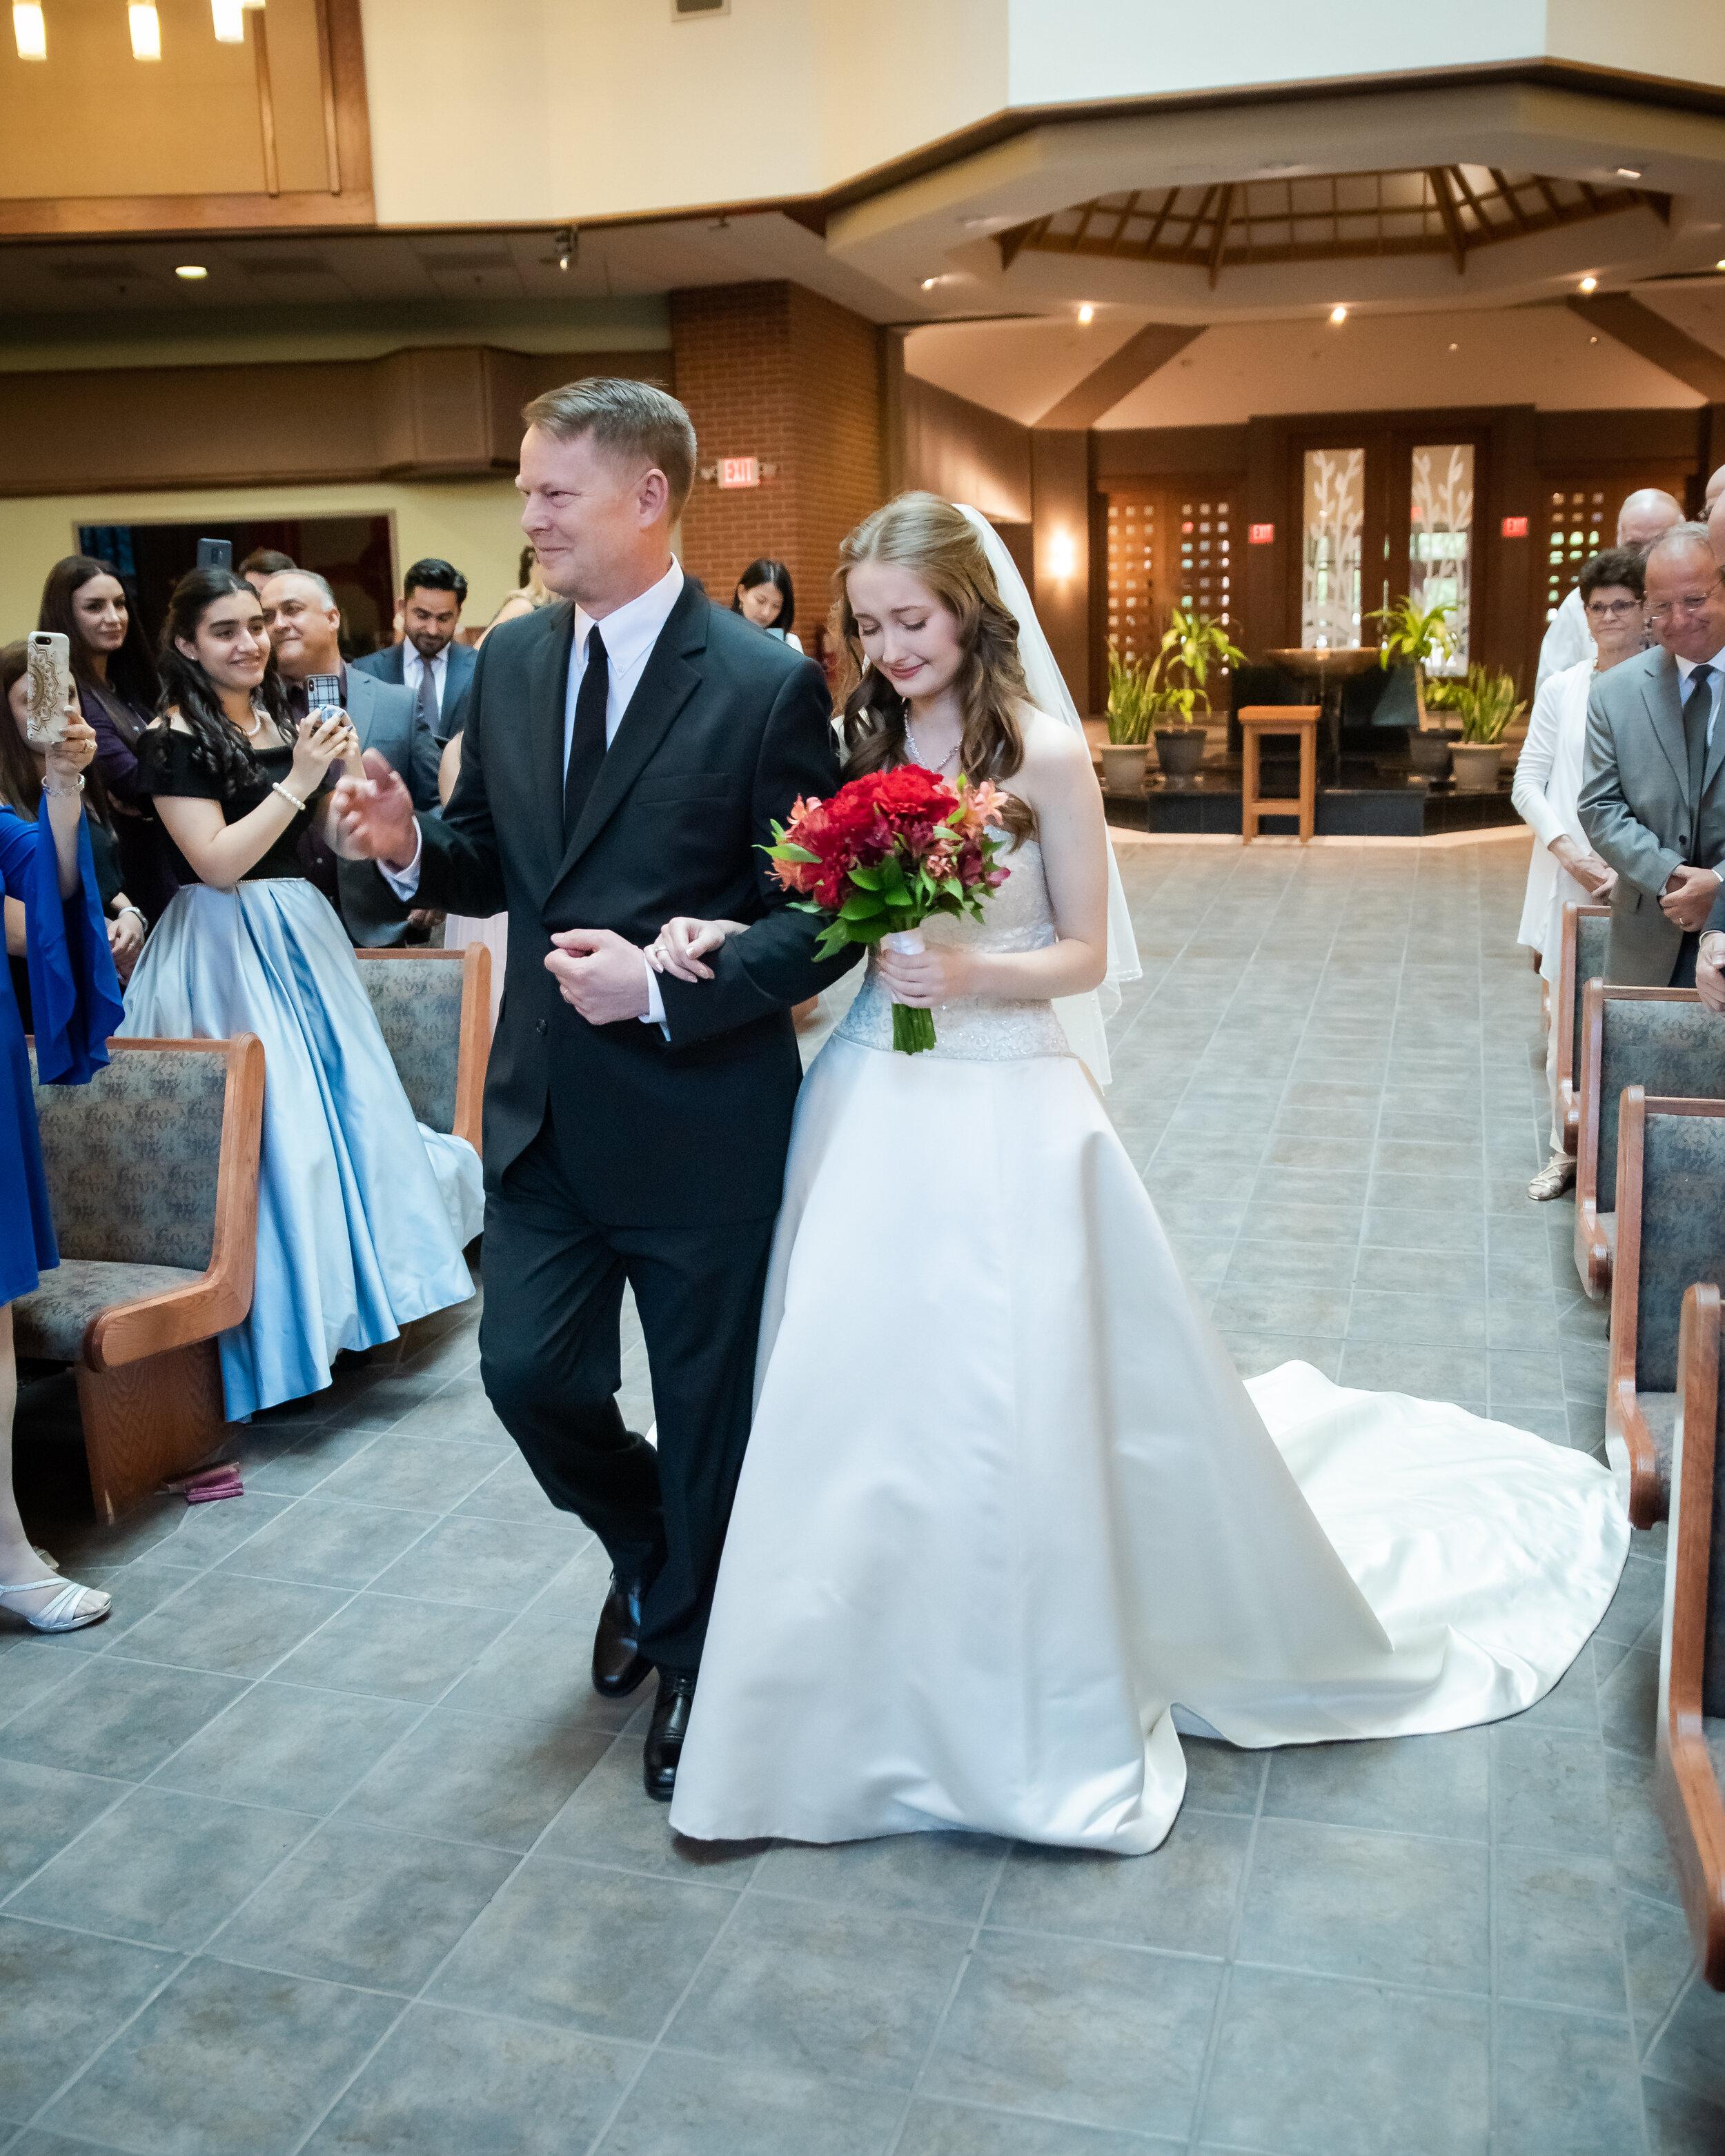 Kaitlyn-Davood-Wedding_7June2019-33.jpg